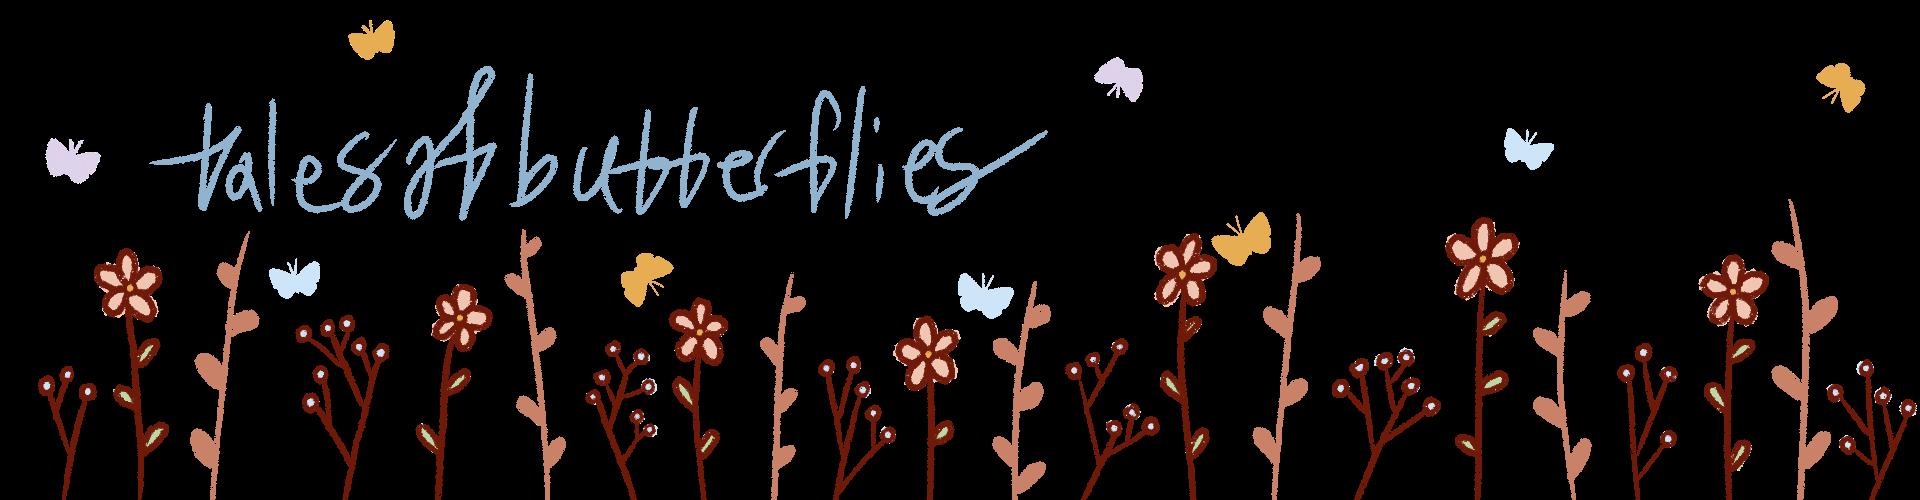 Tales of Butterflies